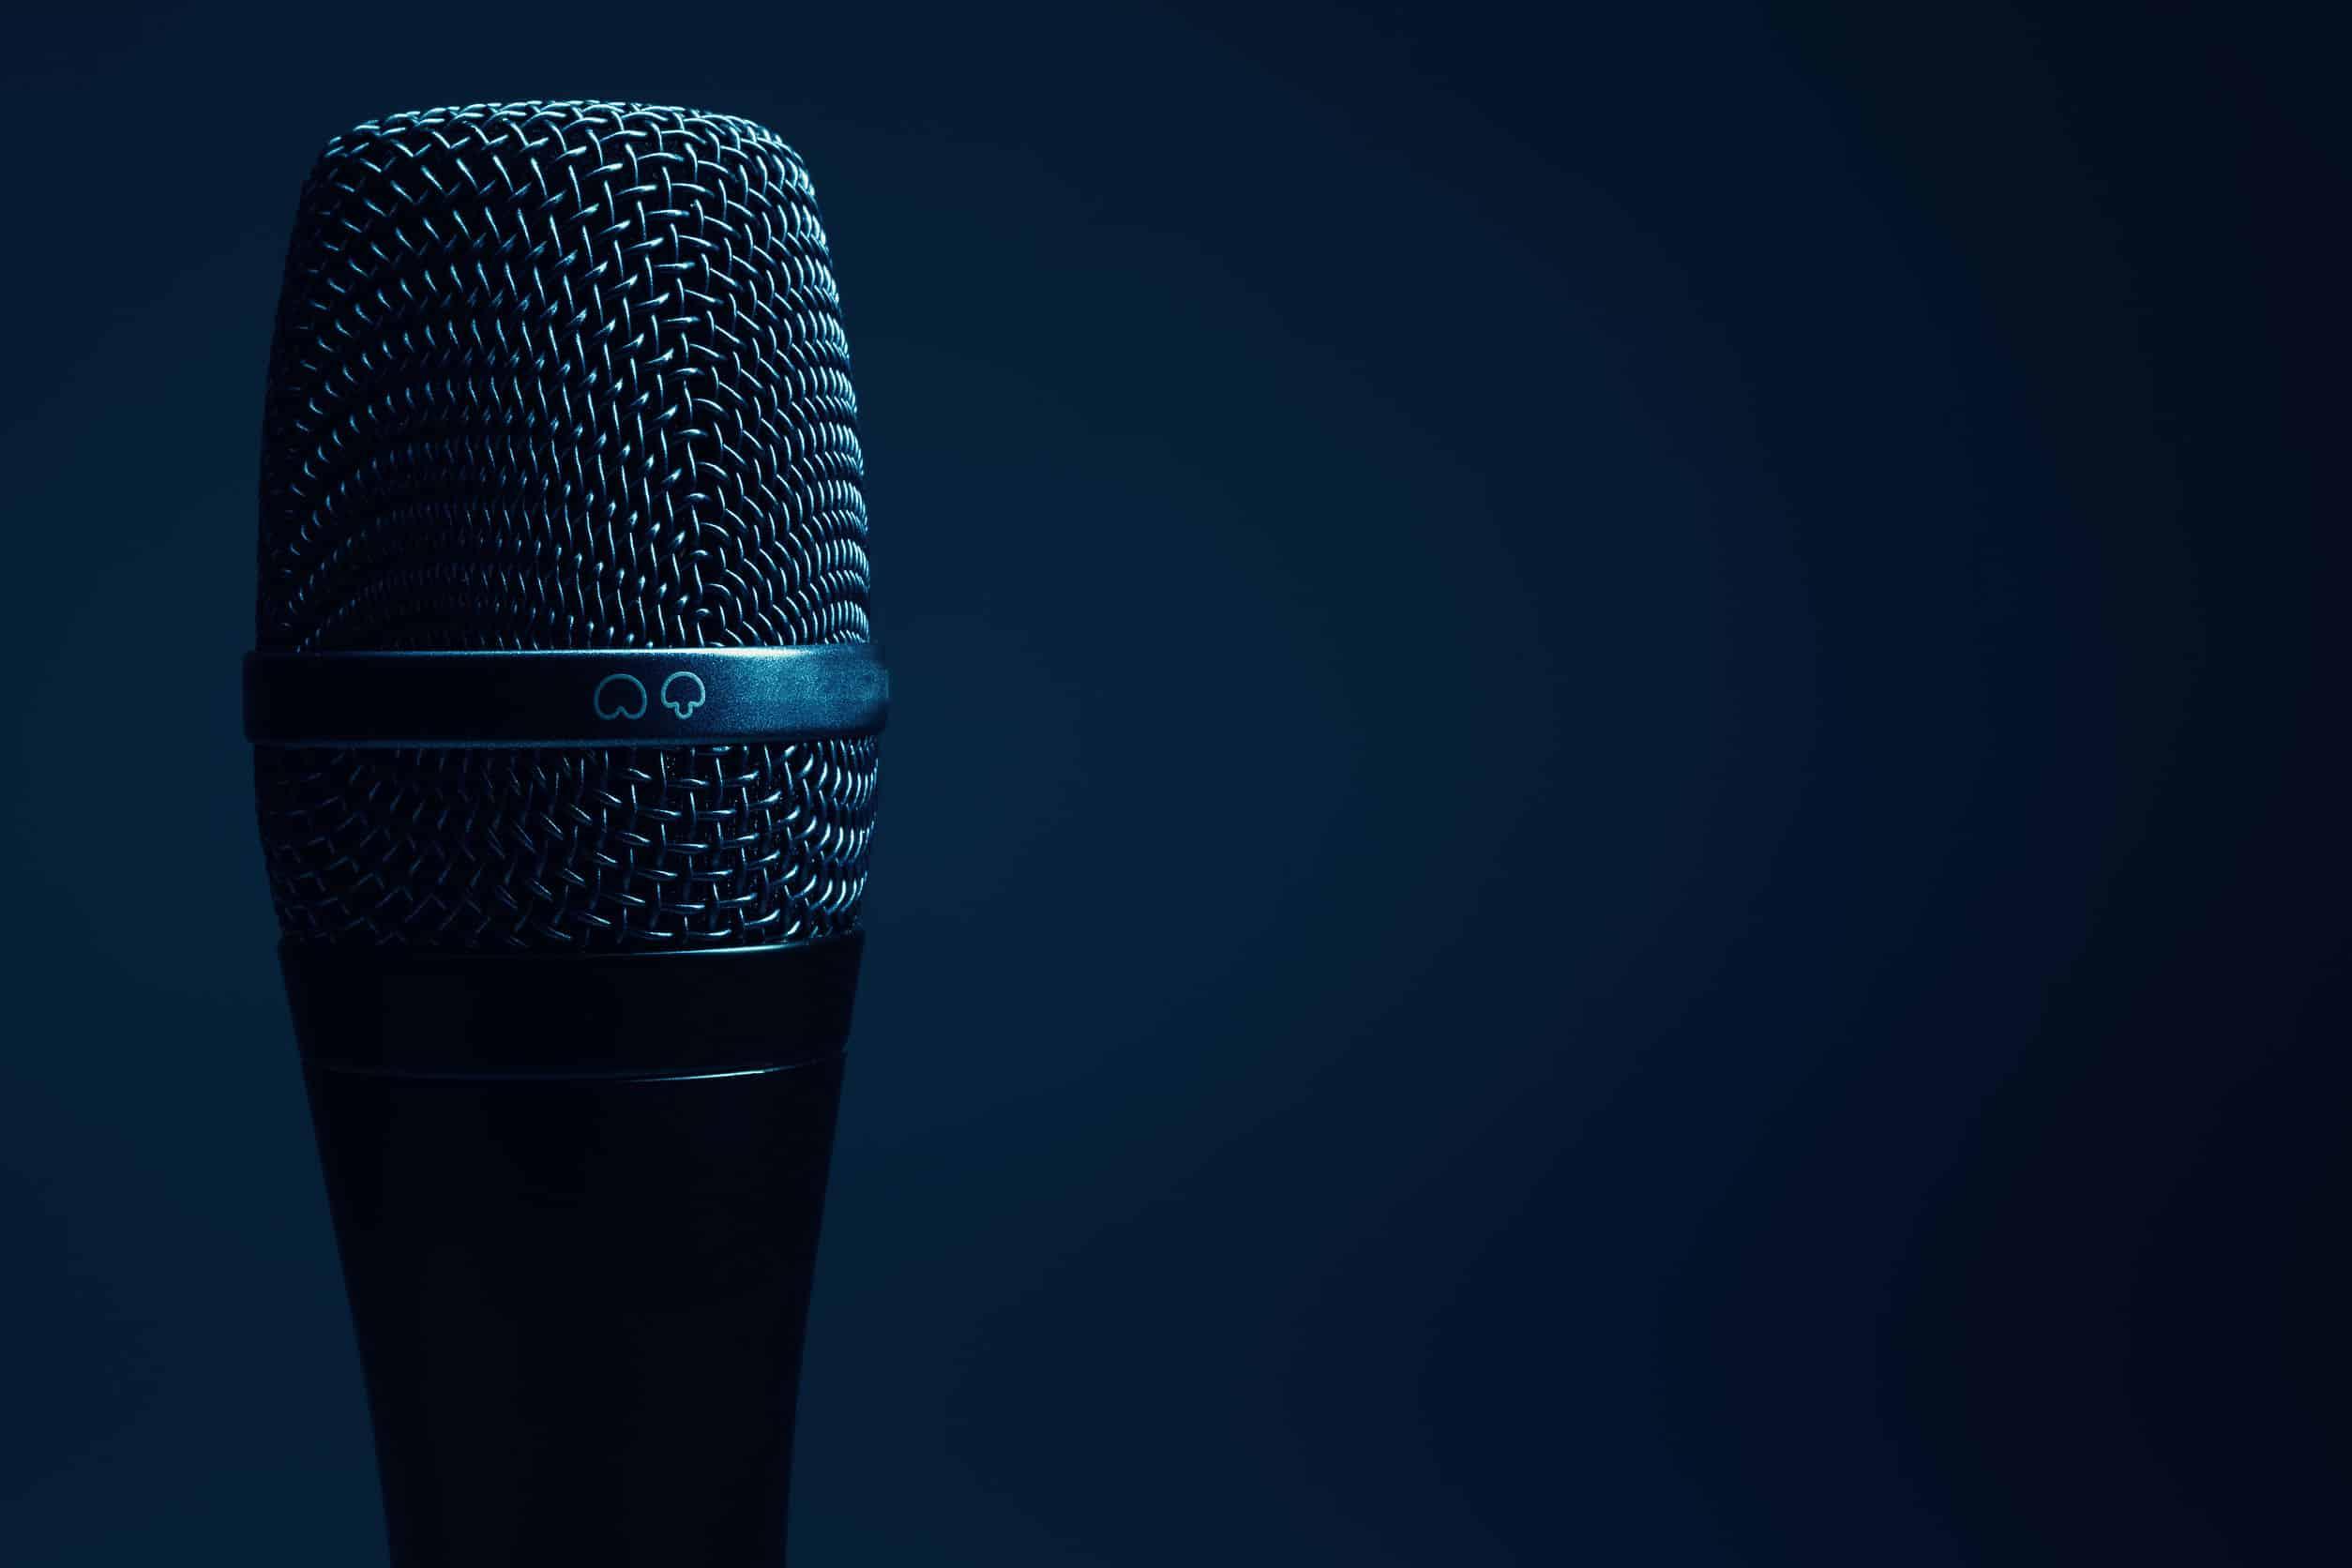 Richtmikrofon: Test & Empfehlungen (02/20)